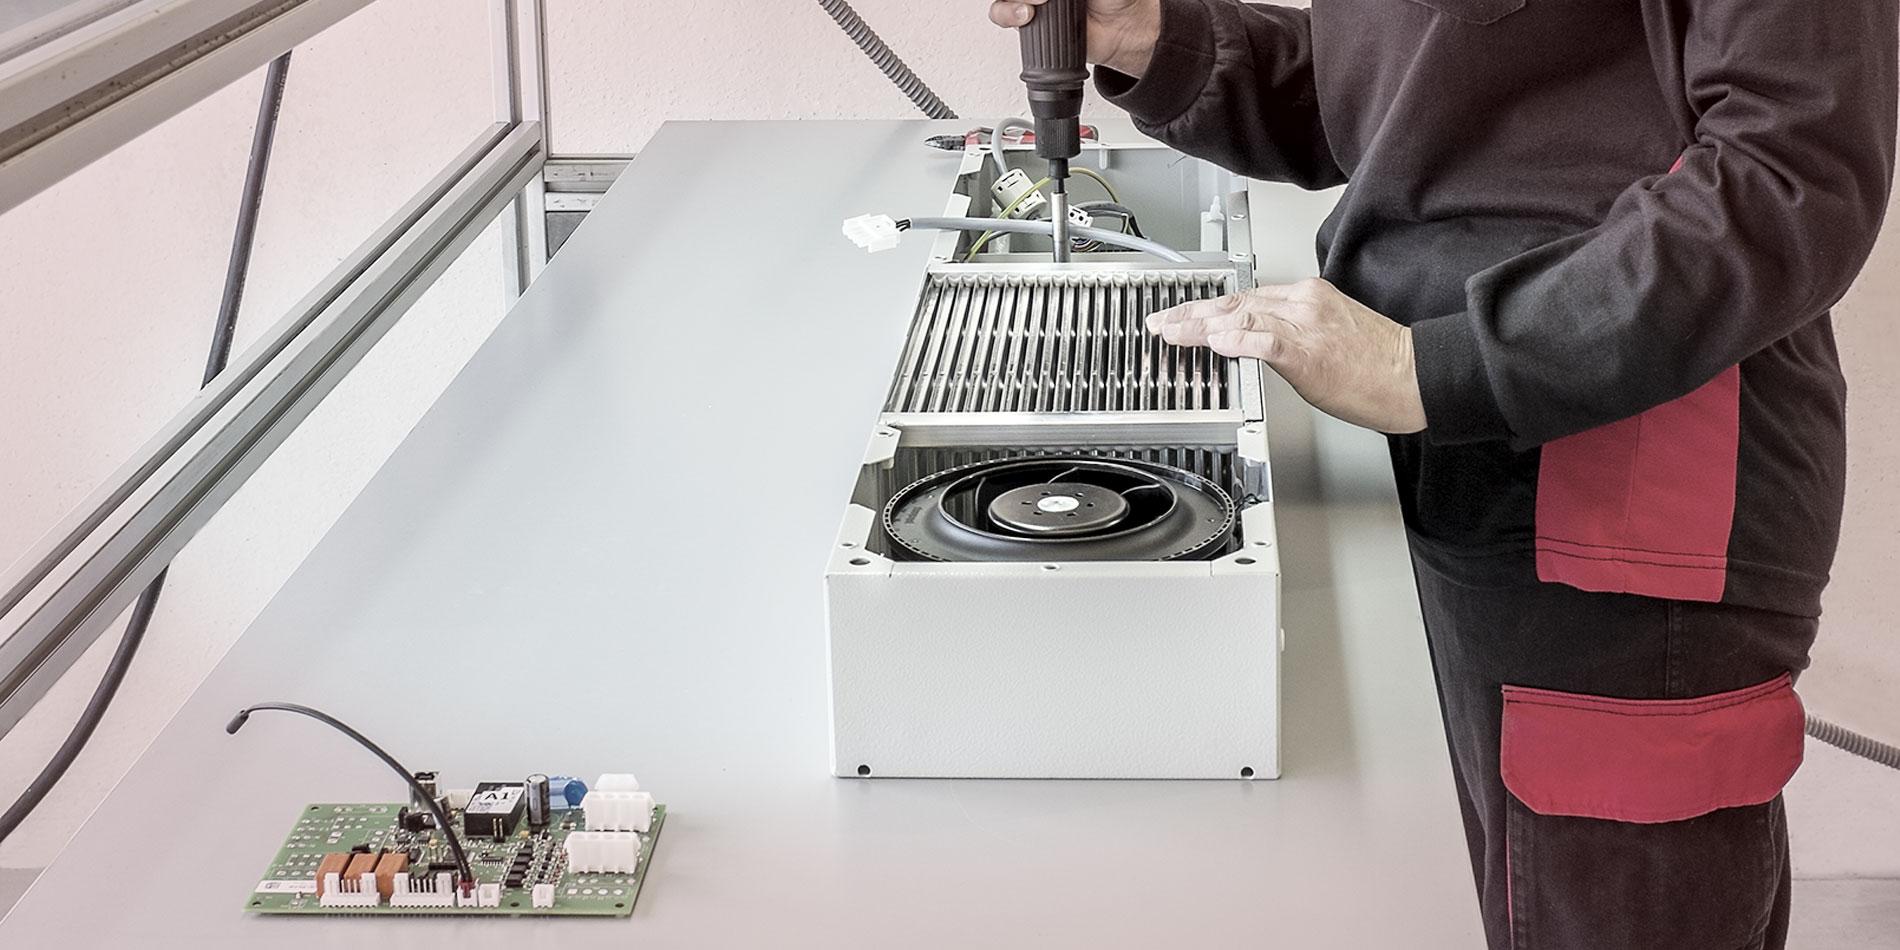 ensamble electromecánico